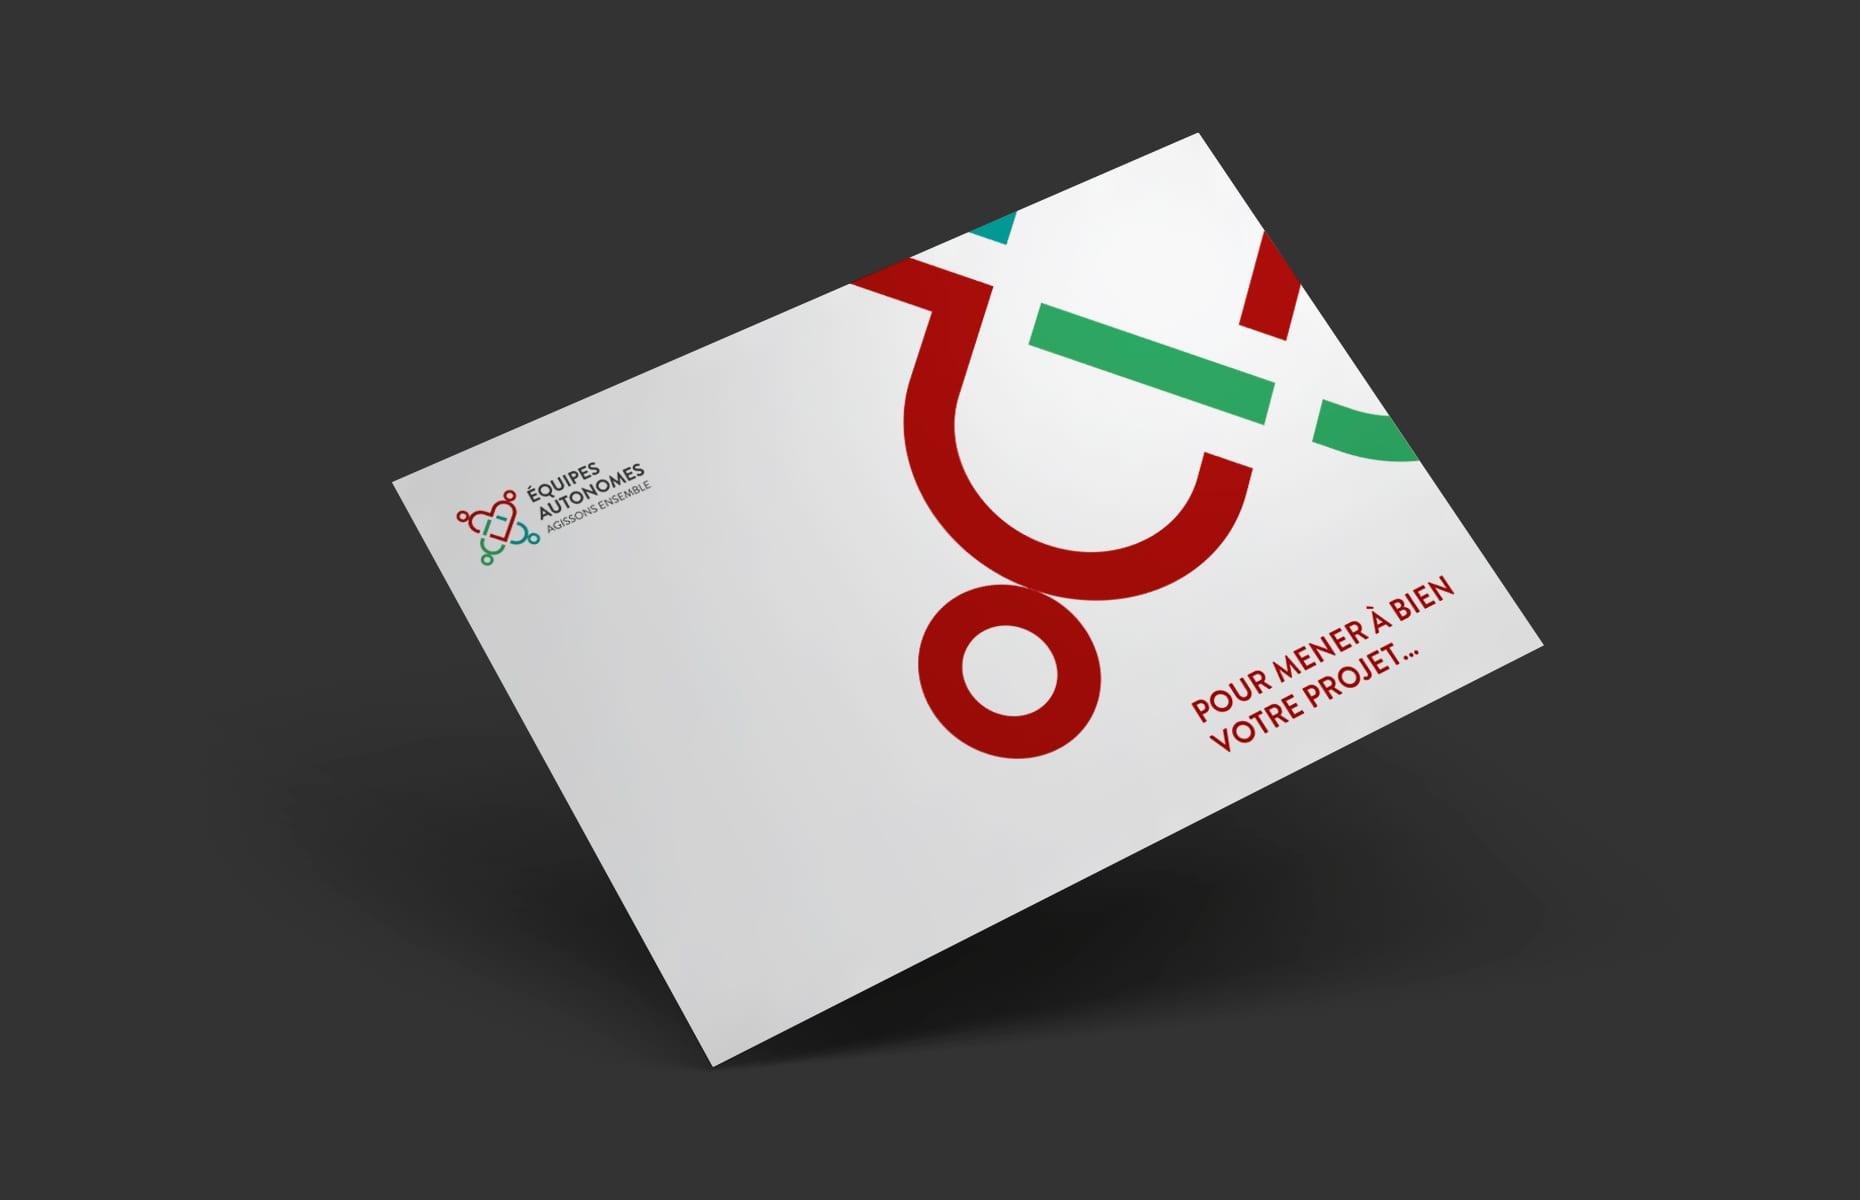 Logo_équipes_autonomes